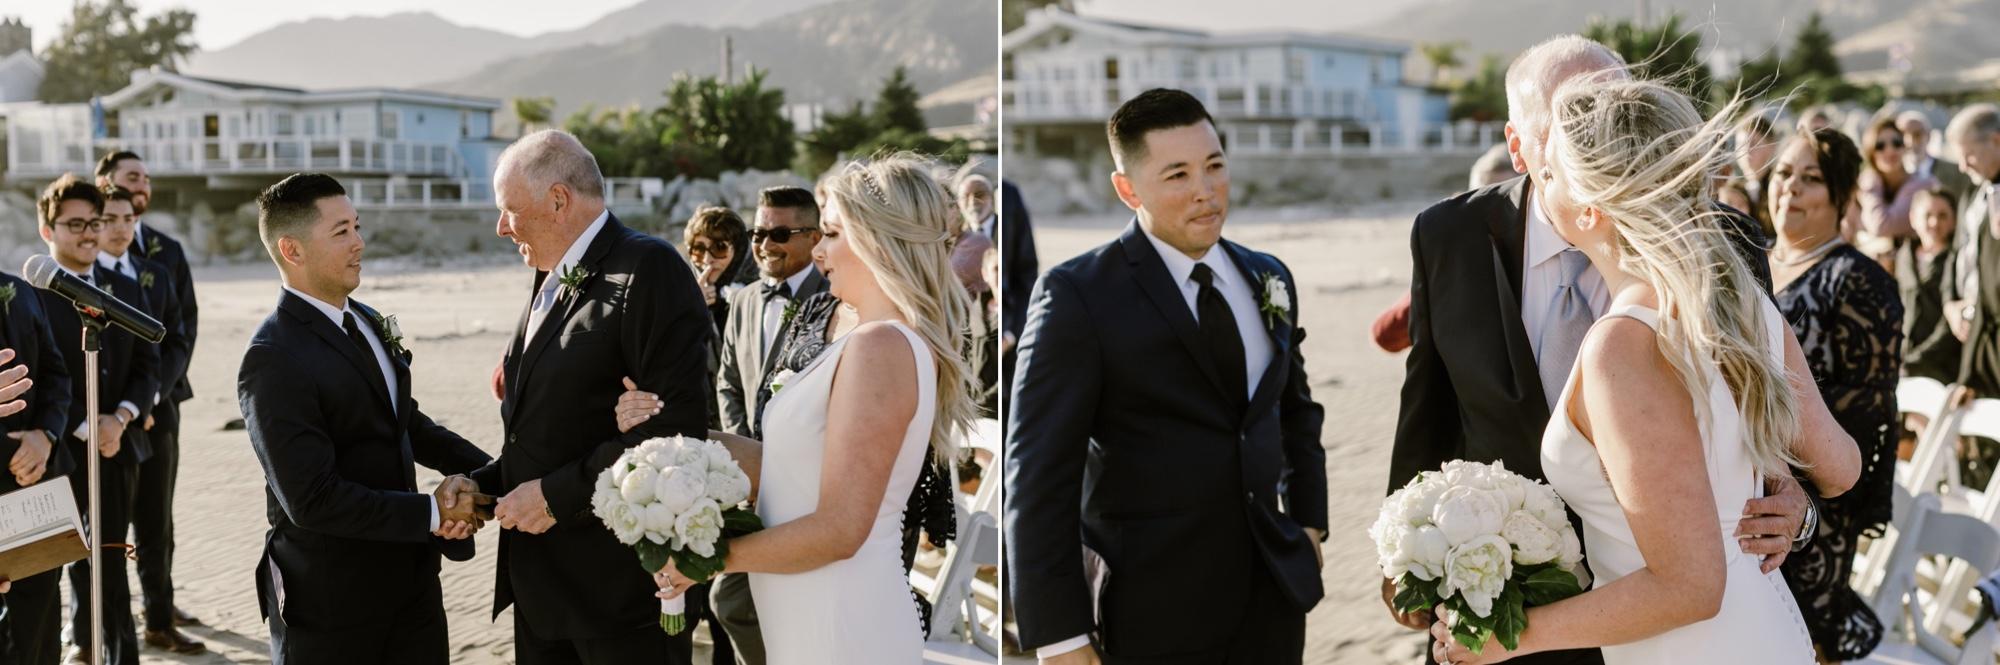 37_Ally and Tommy's Wedding-514_Ally and Tommy's Wedding-513.jpg